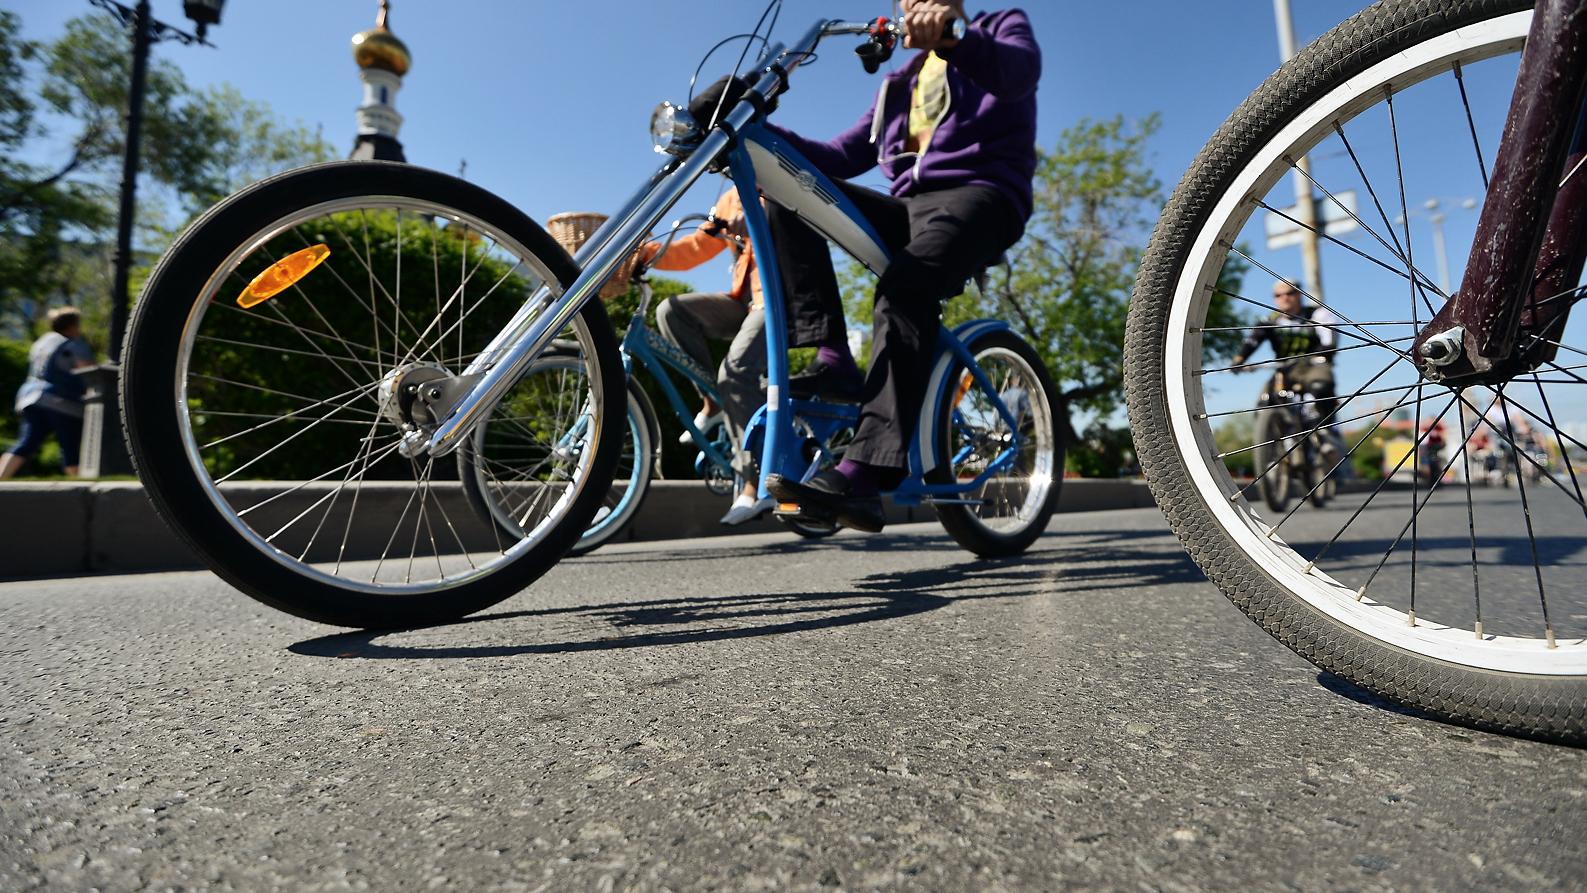 ГИБДД обнародовала фото велосипедиста, сбившего ребенка вЕкатеринбурге